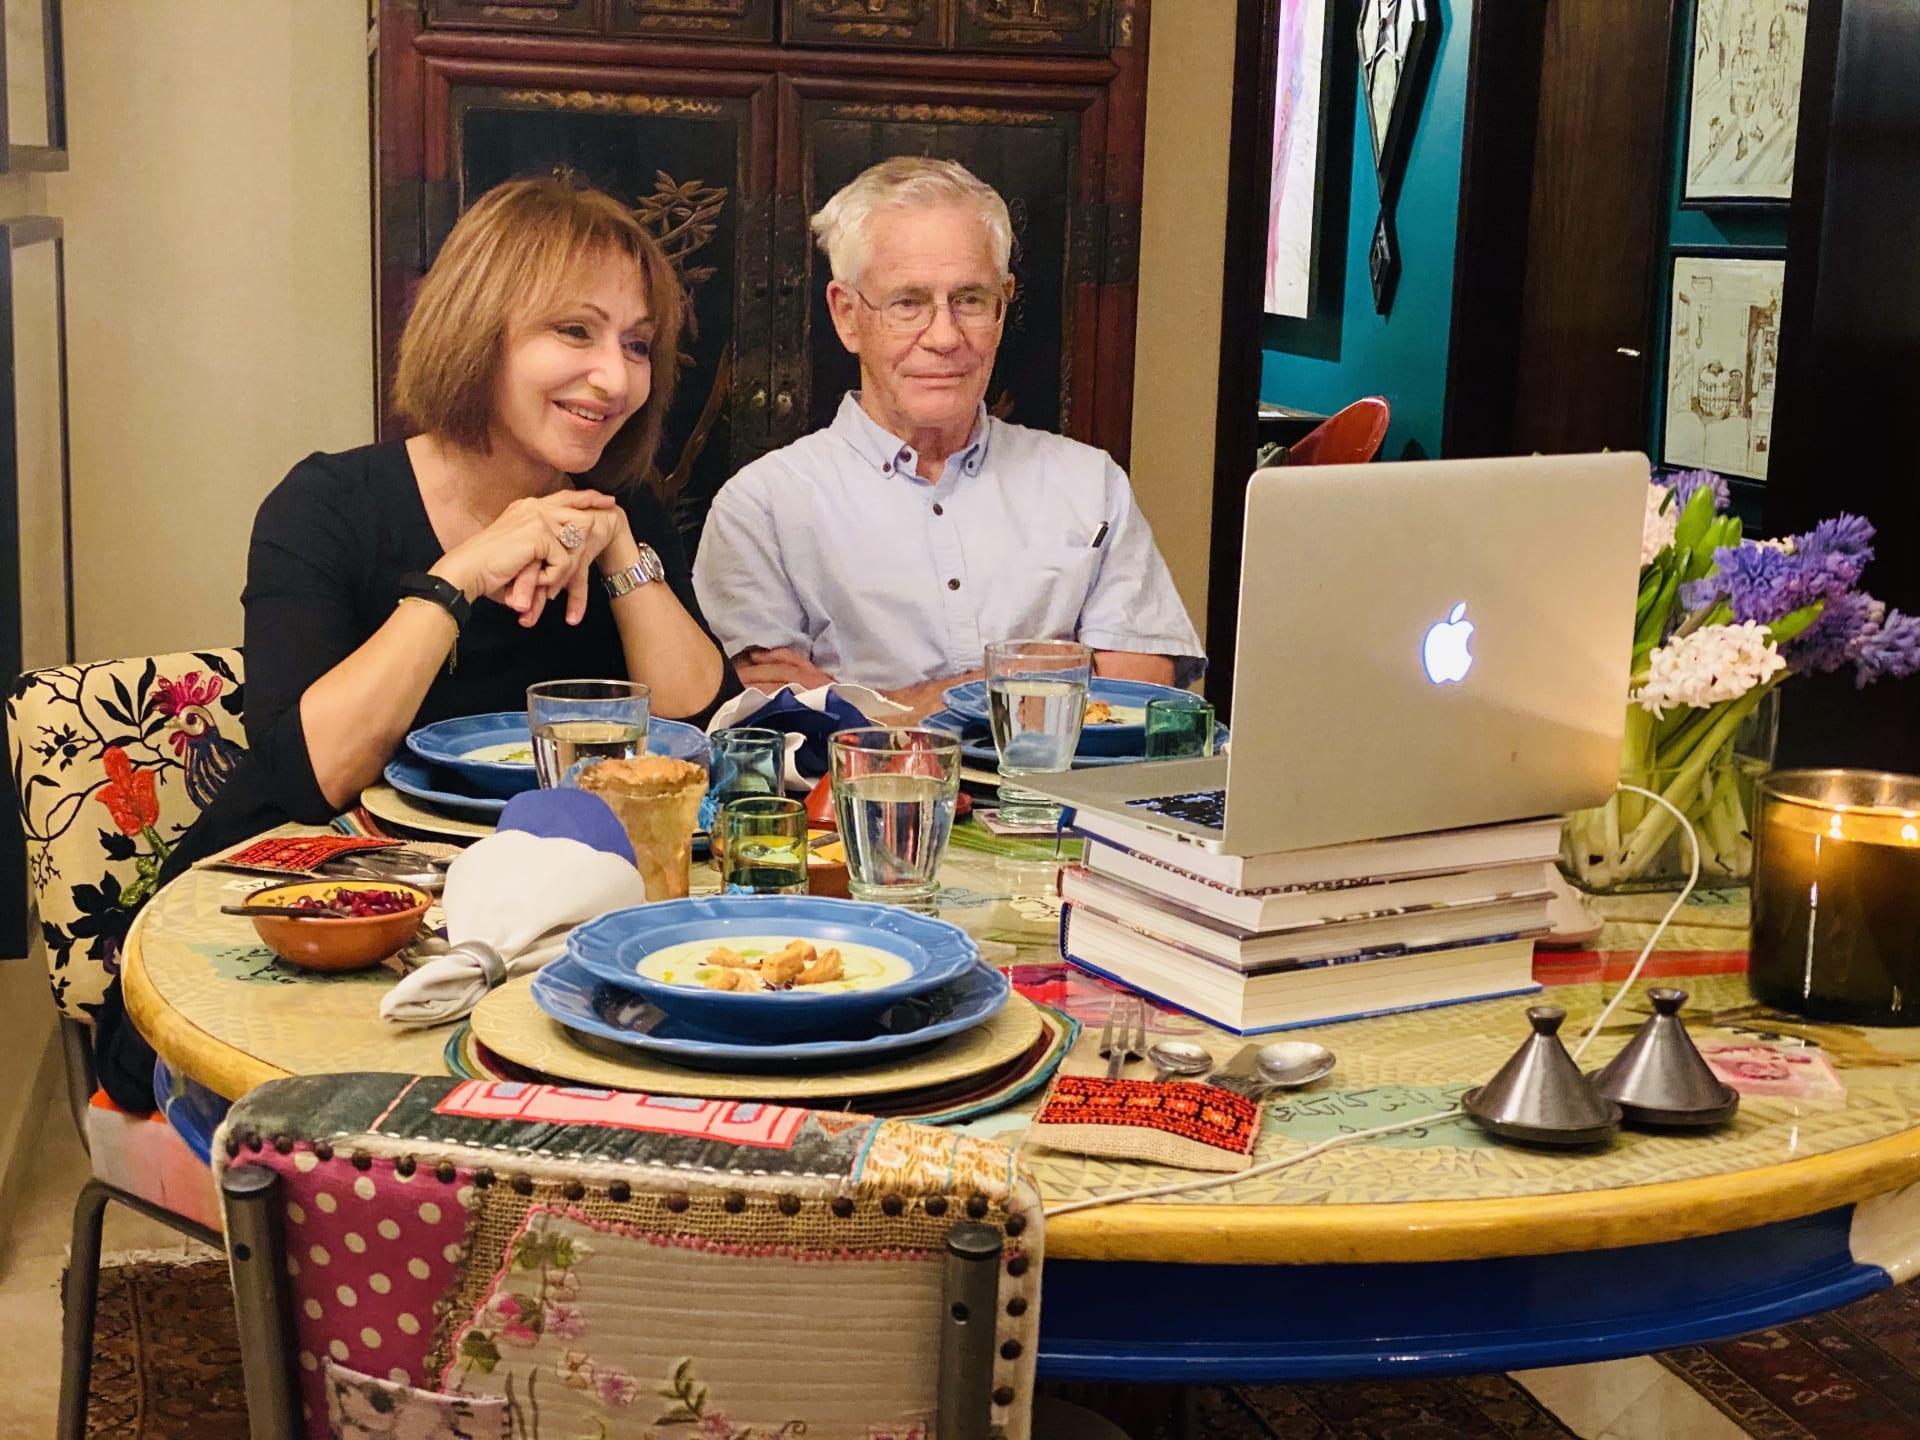 انضم إلى هذا العشاء الافتراضي وتجنب الوحدة في وقت العزلة الاجتماعية